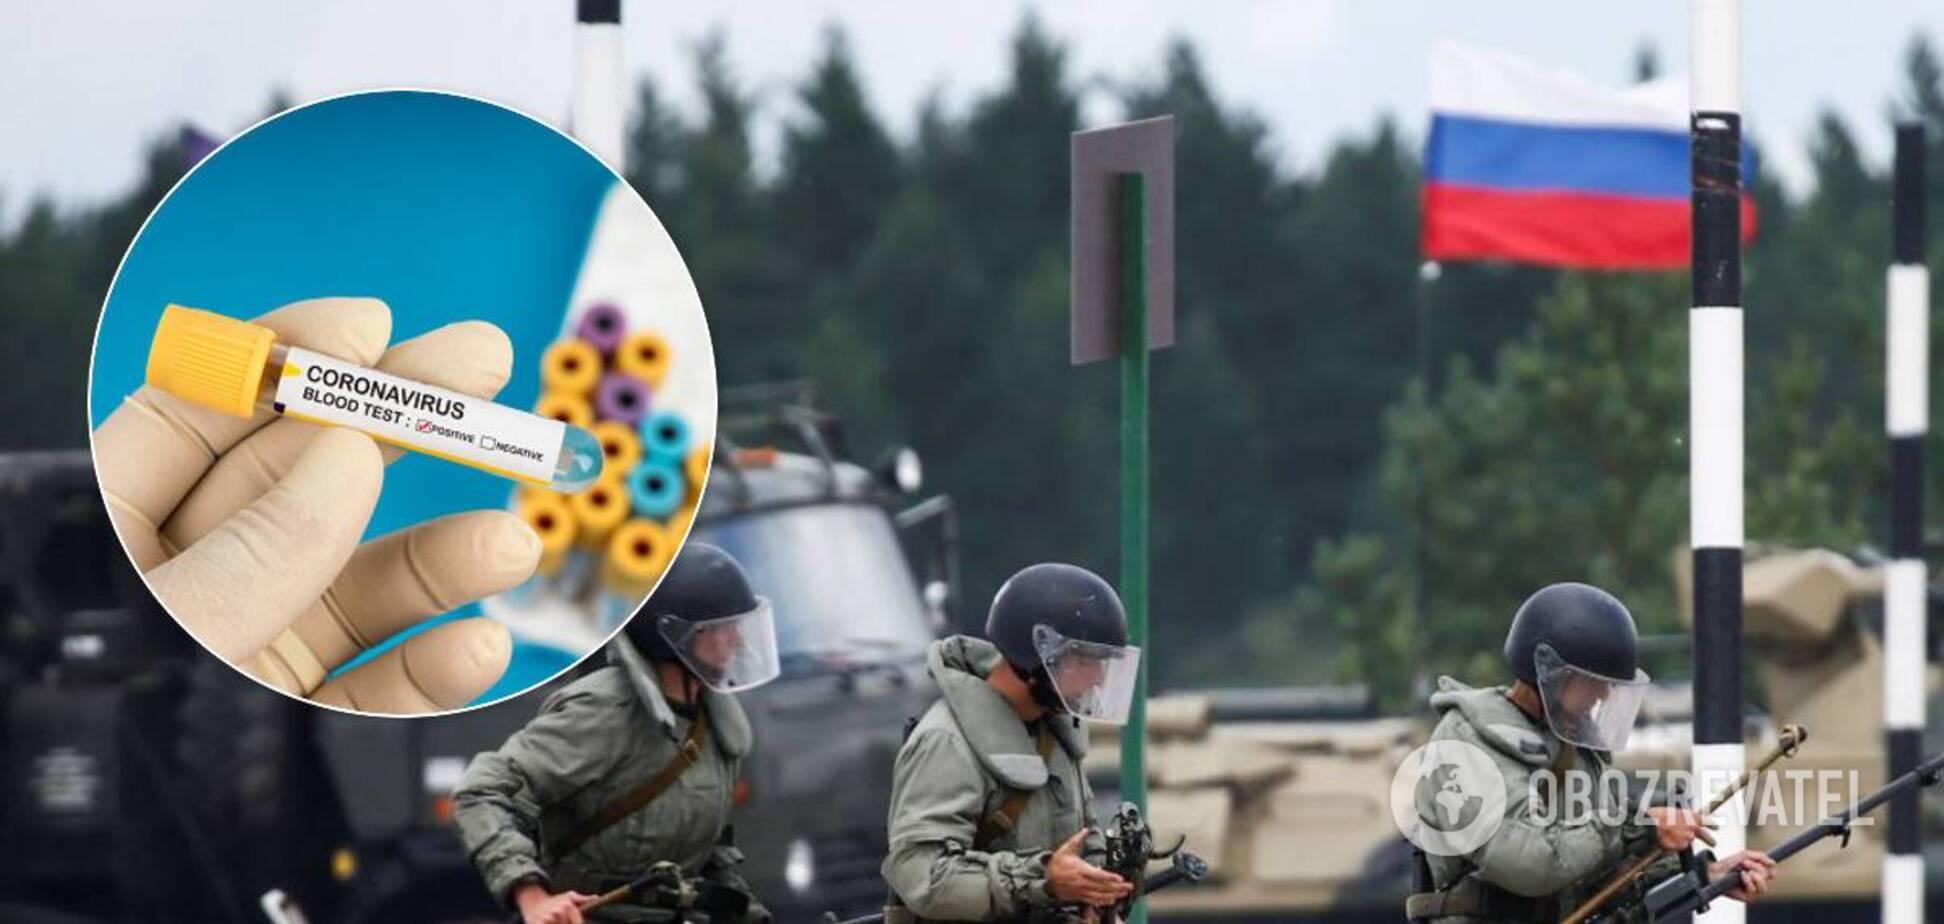 Коронавірус виявили у військових ЗС РФ на Донбасі